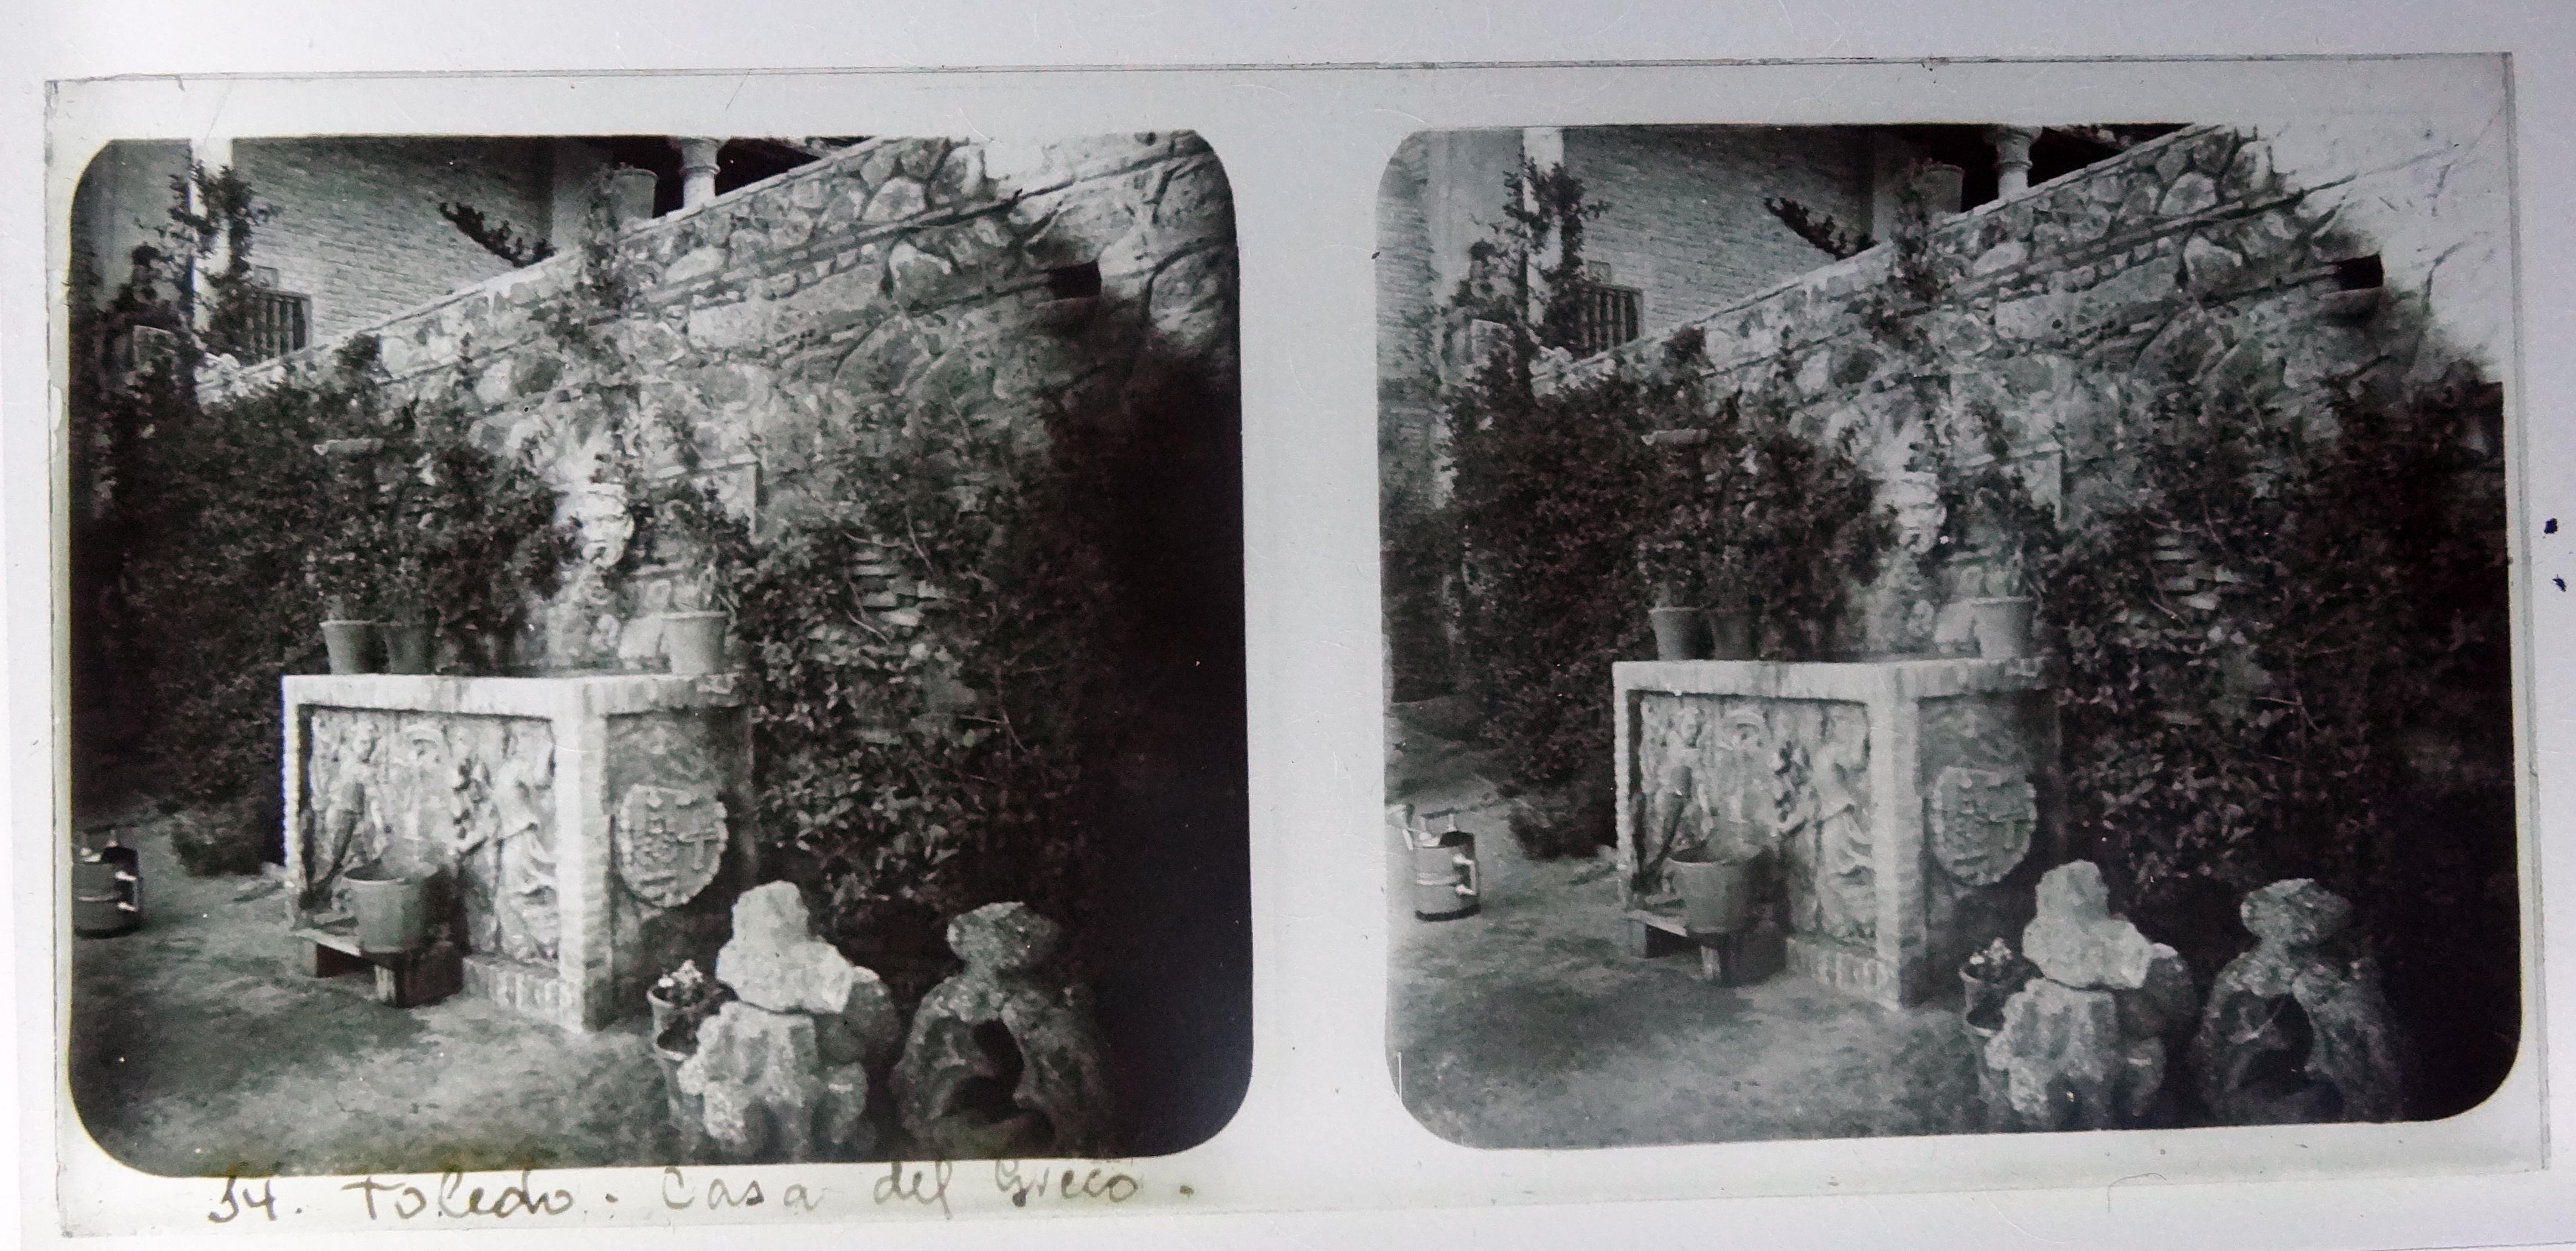 Casa del Greco, jardín. Fotografía de Francisco Rodríguez Avial hacia 1910 © Herederos de Francisco Rodríguez Avial